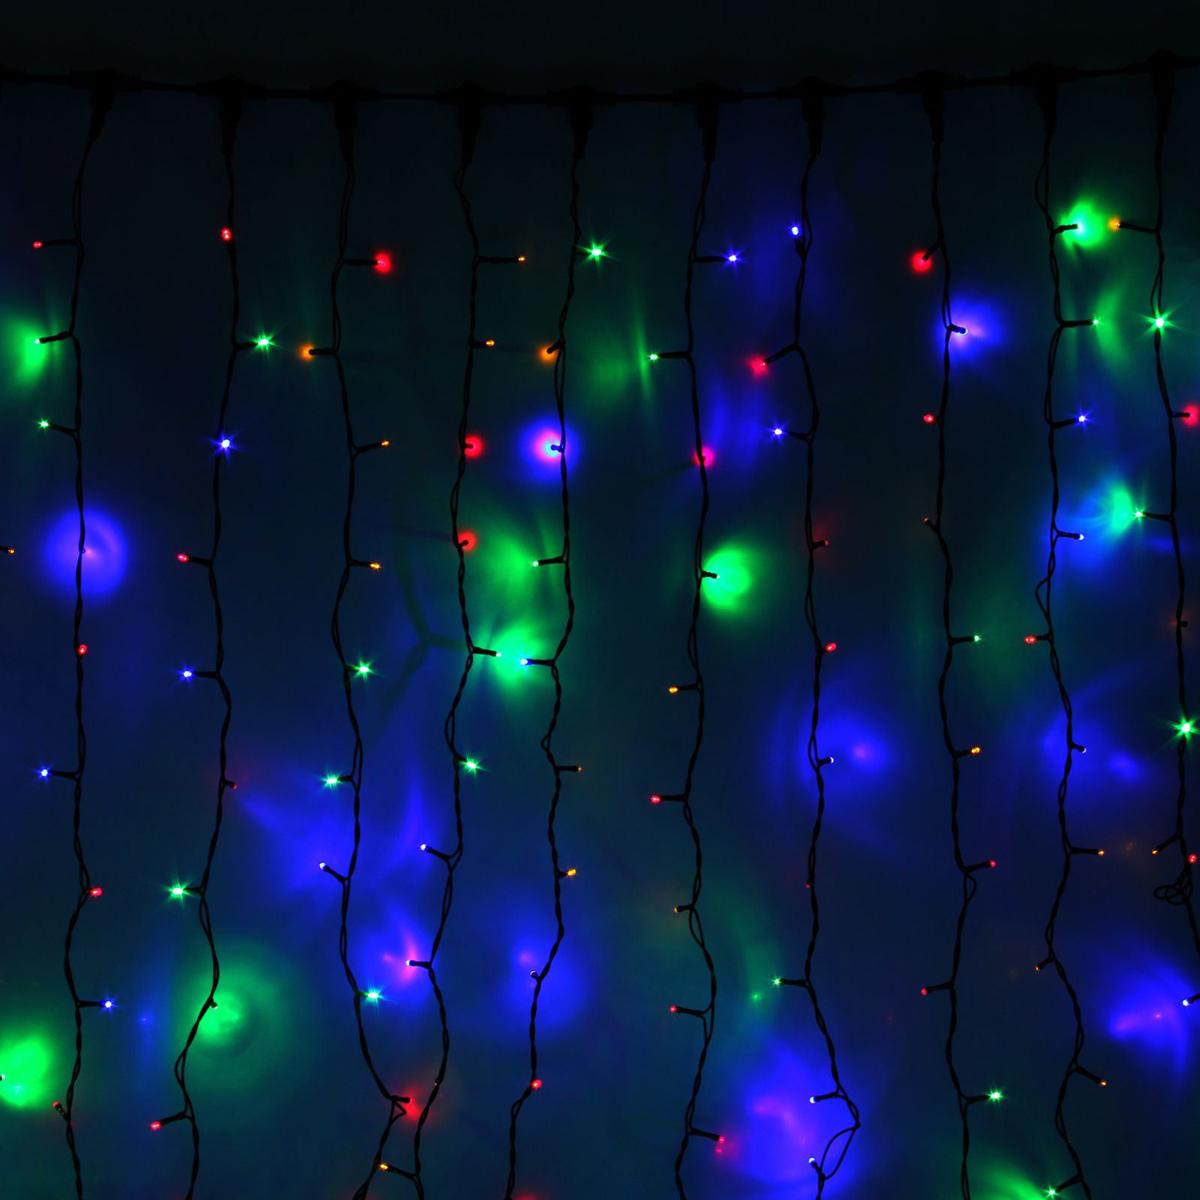 Гирлянда светодиодная Luazon Занавес, цвет: мультиколор, уличная, 1800 ламп, 220 V, 2 х 9 м. 10803121080246Светодиодные гирлянды и ленты — это отличный вариант для новогоднего оформления интерьера или фасада. С их помощью помещение любого размера можно превратить в праздничный зал, а внешние элементы зданий, украшенные ими, мгновенно станут напоминать очертания сказочного дворца. Такие украшения создают ауру предвкушения чуда. Деревья, фасады, витрины, окна и арки будто специально созданы, чтобы вы украсили их светящимися нитями.